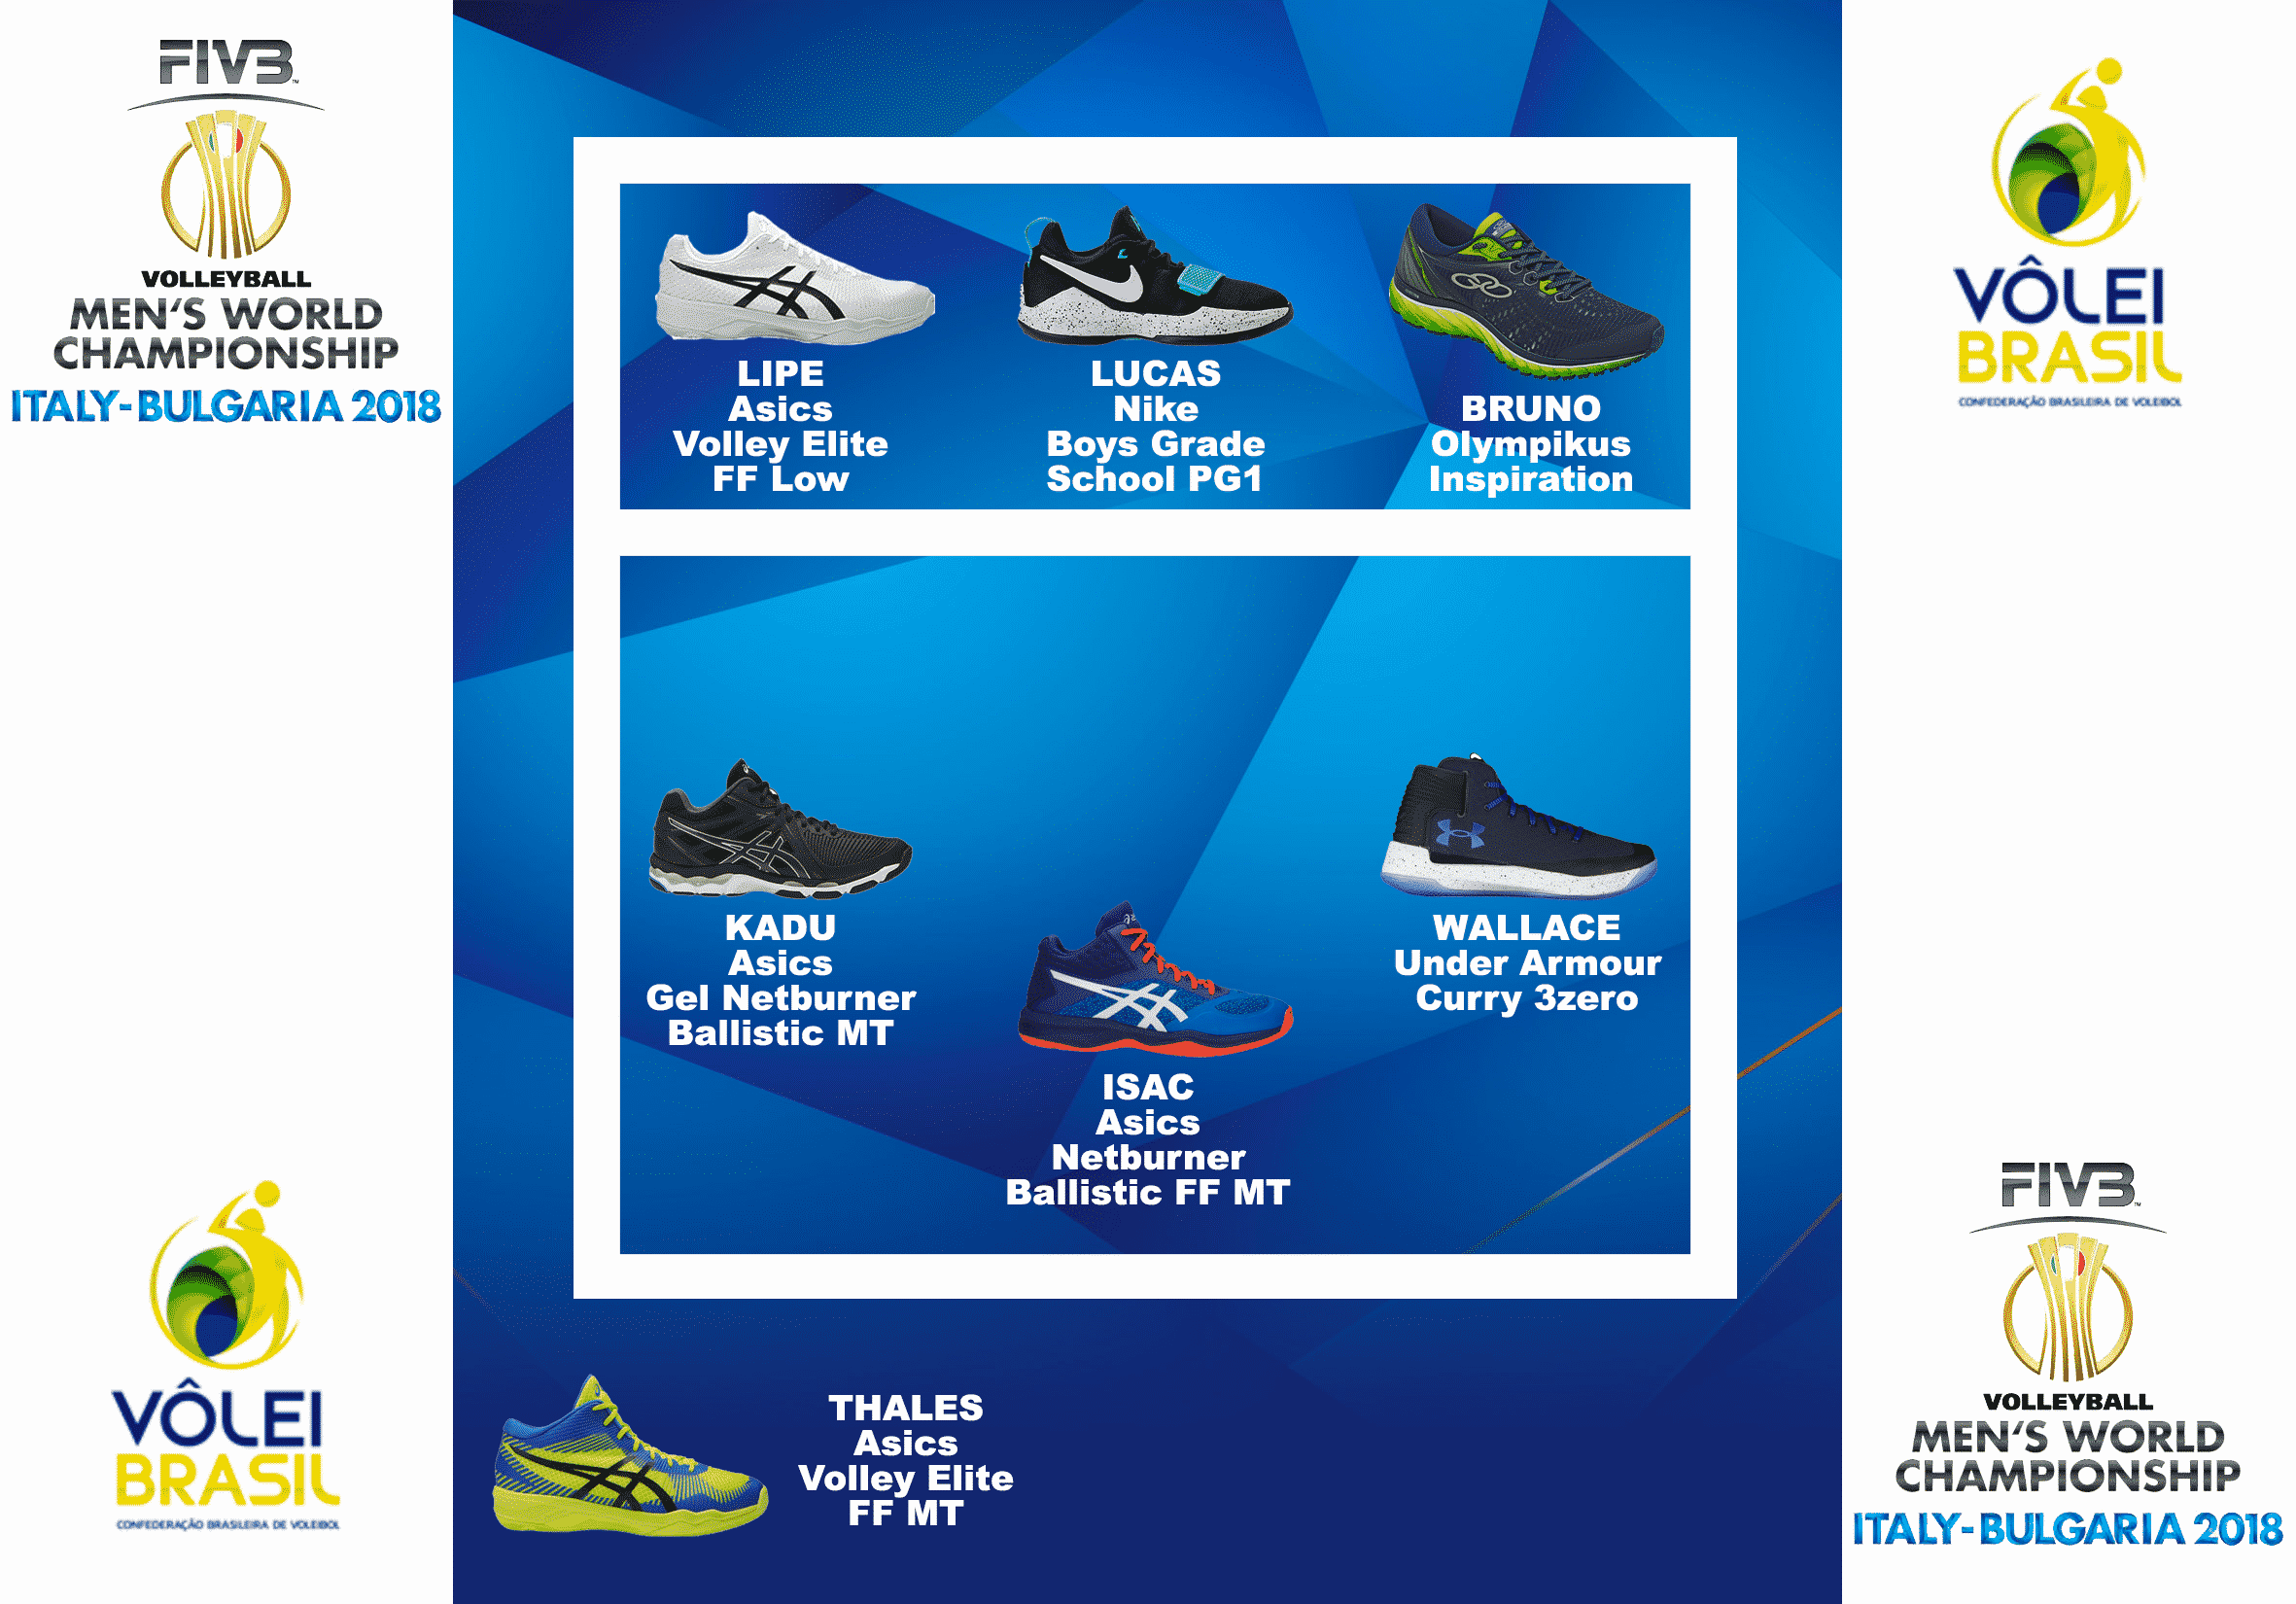 compo-chaussures-volley-volleypack-équipe-brésil-championnat-du-monde-2018